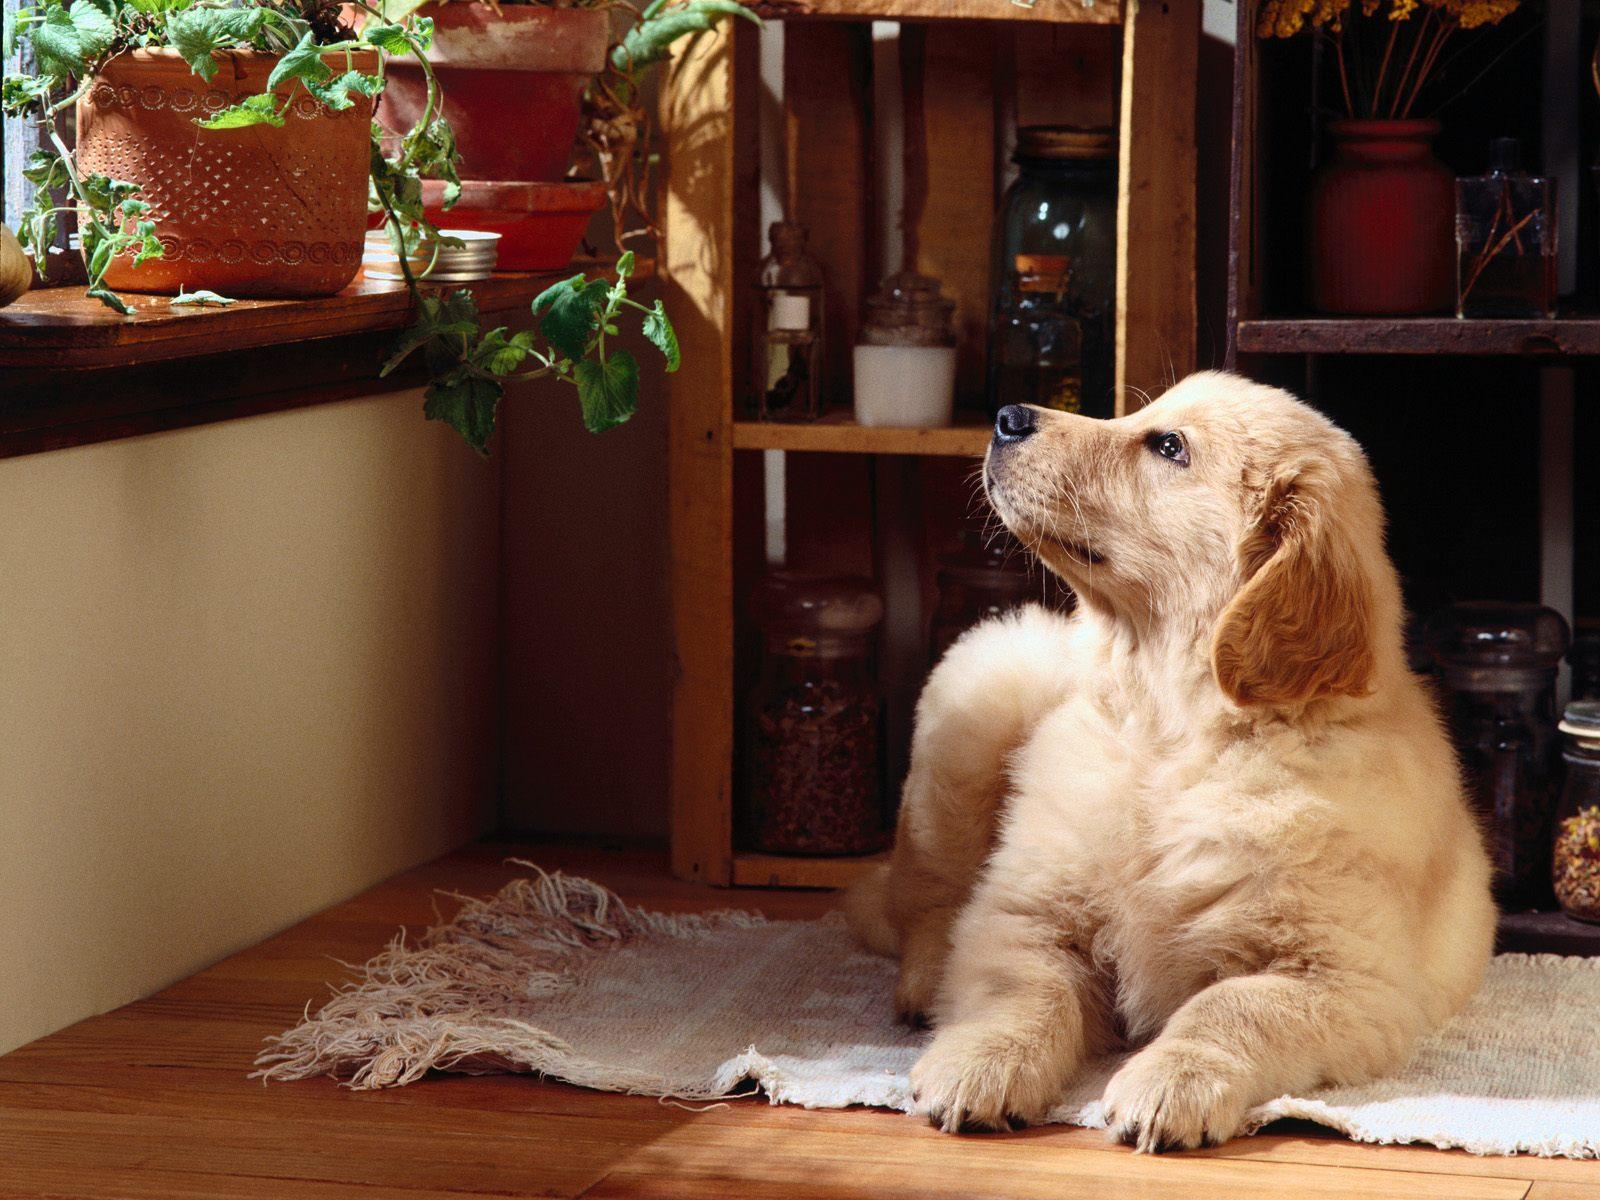 Dog Wallpaper For Home Wallpapersafari